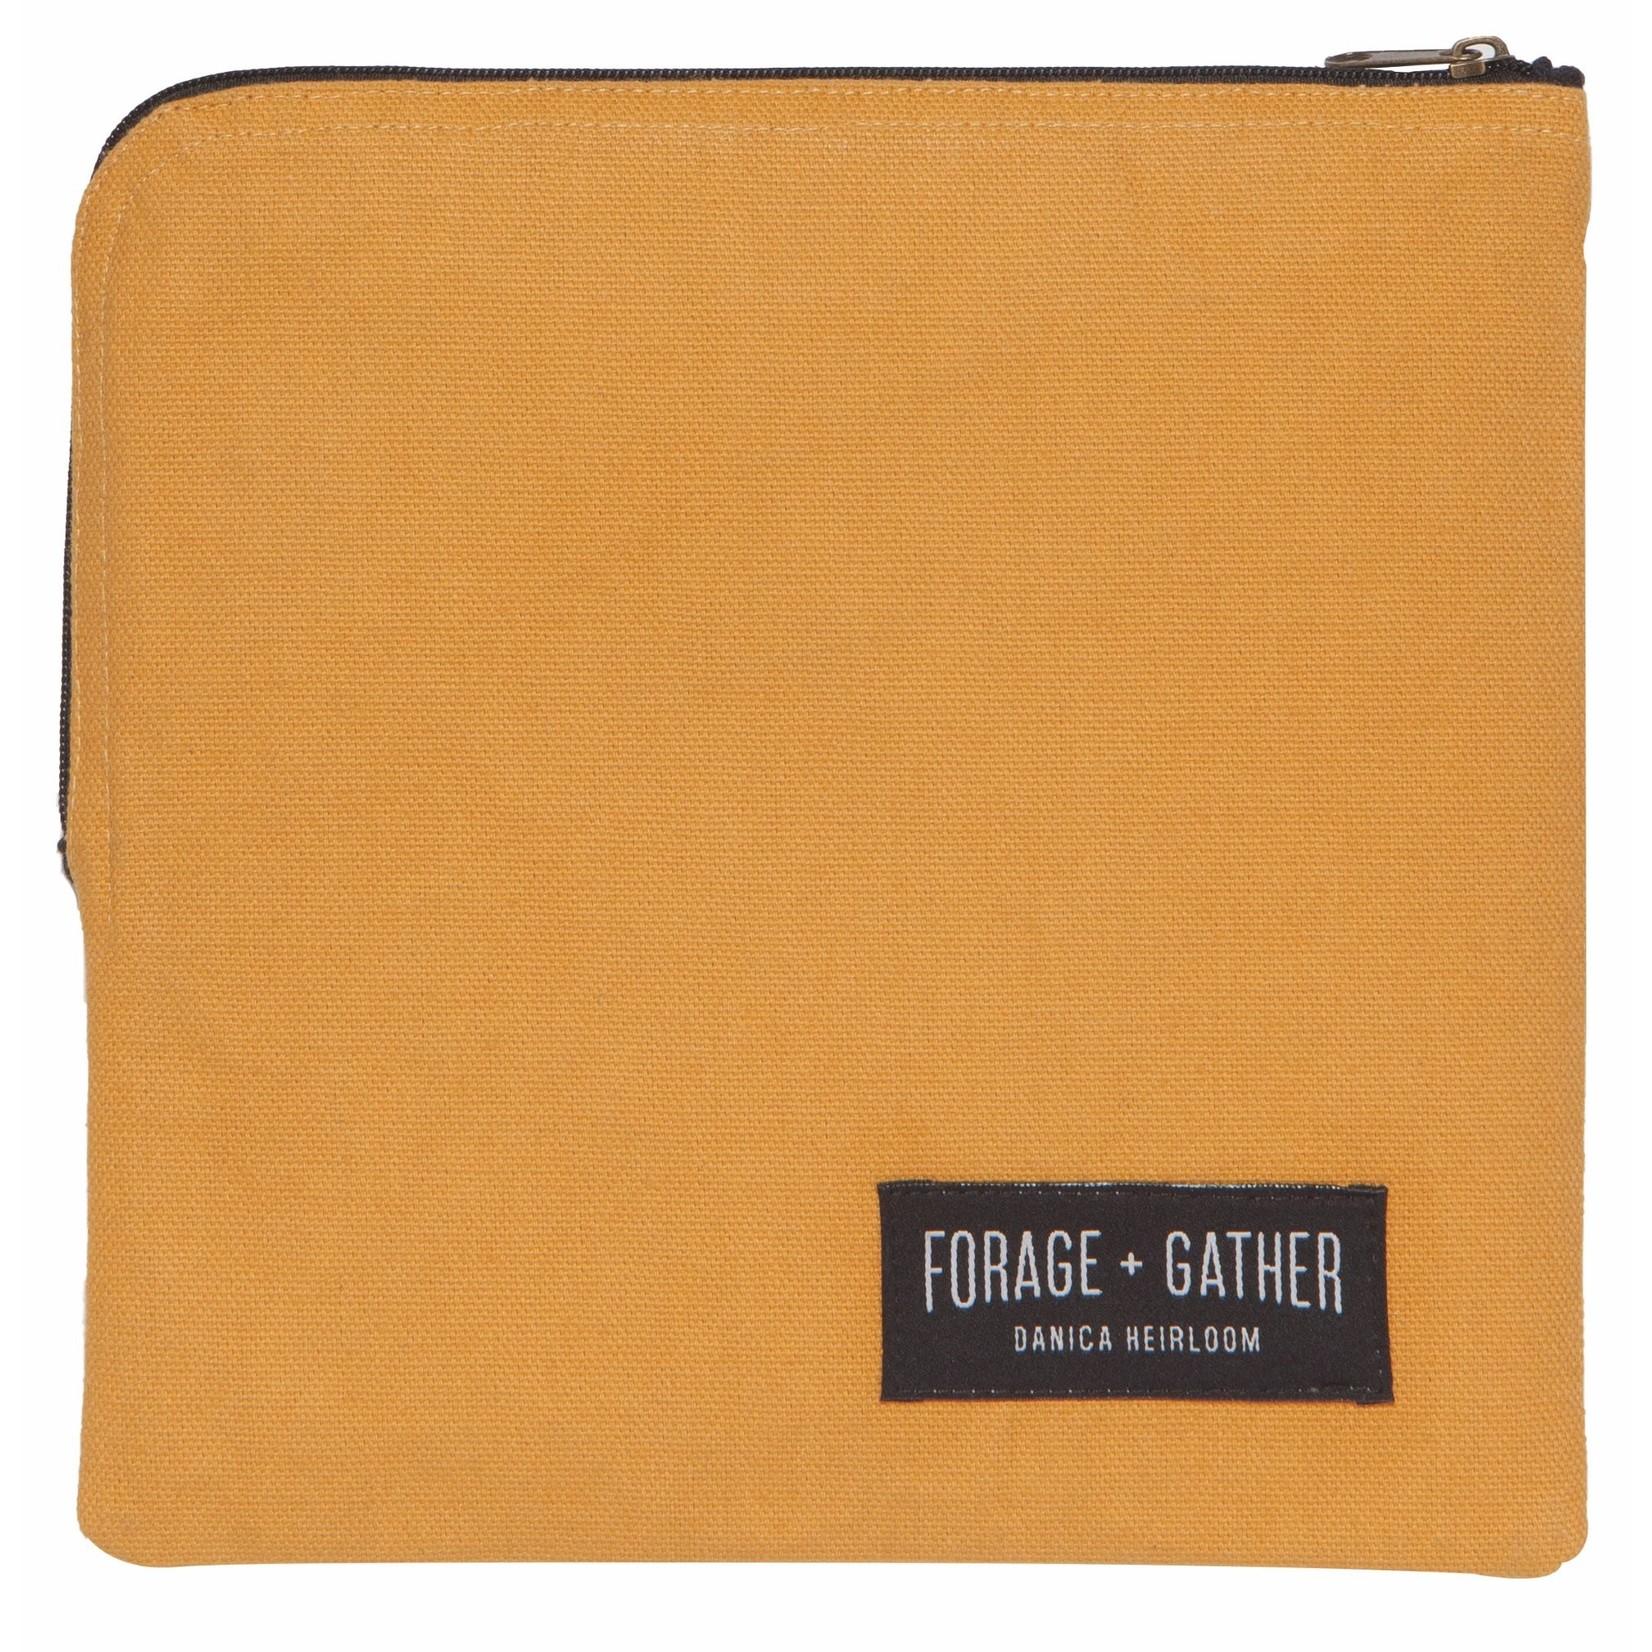 Heirloom Forage + Gather Snack Bag